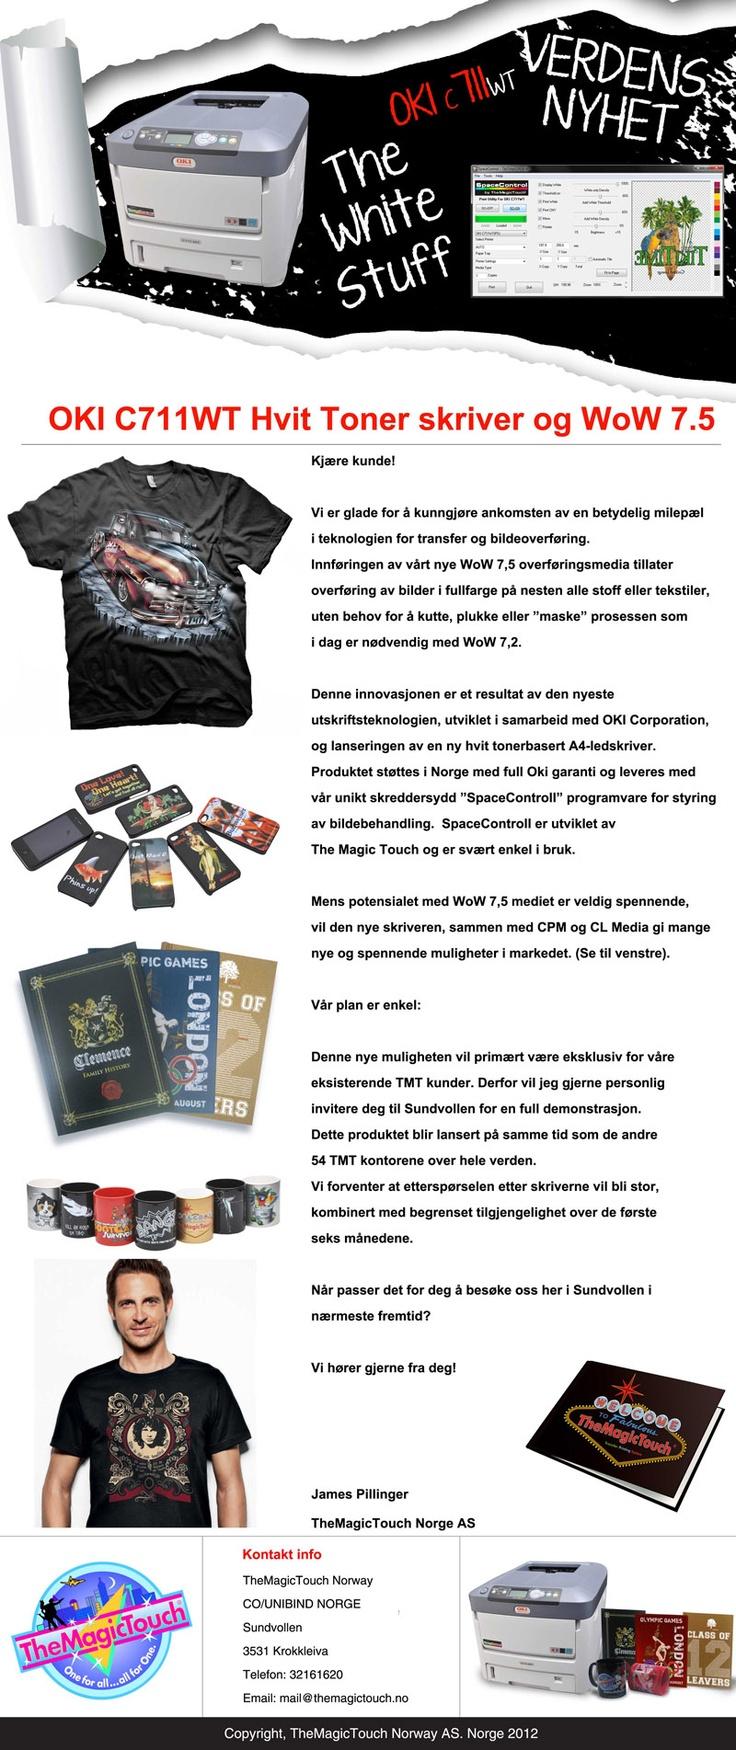 OKI C711WT Hvit Toner skriver og WoW 7.5    Okotber kampanje 2012    http://www.themagictouch.no